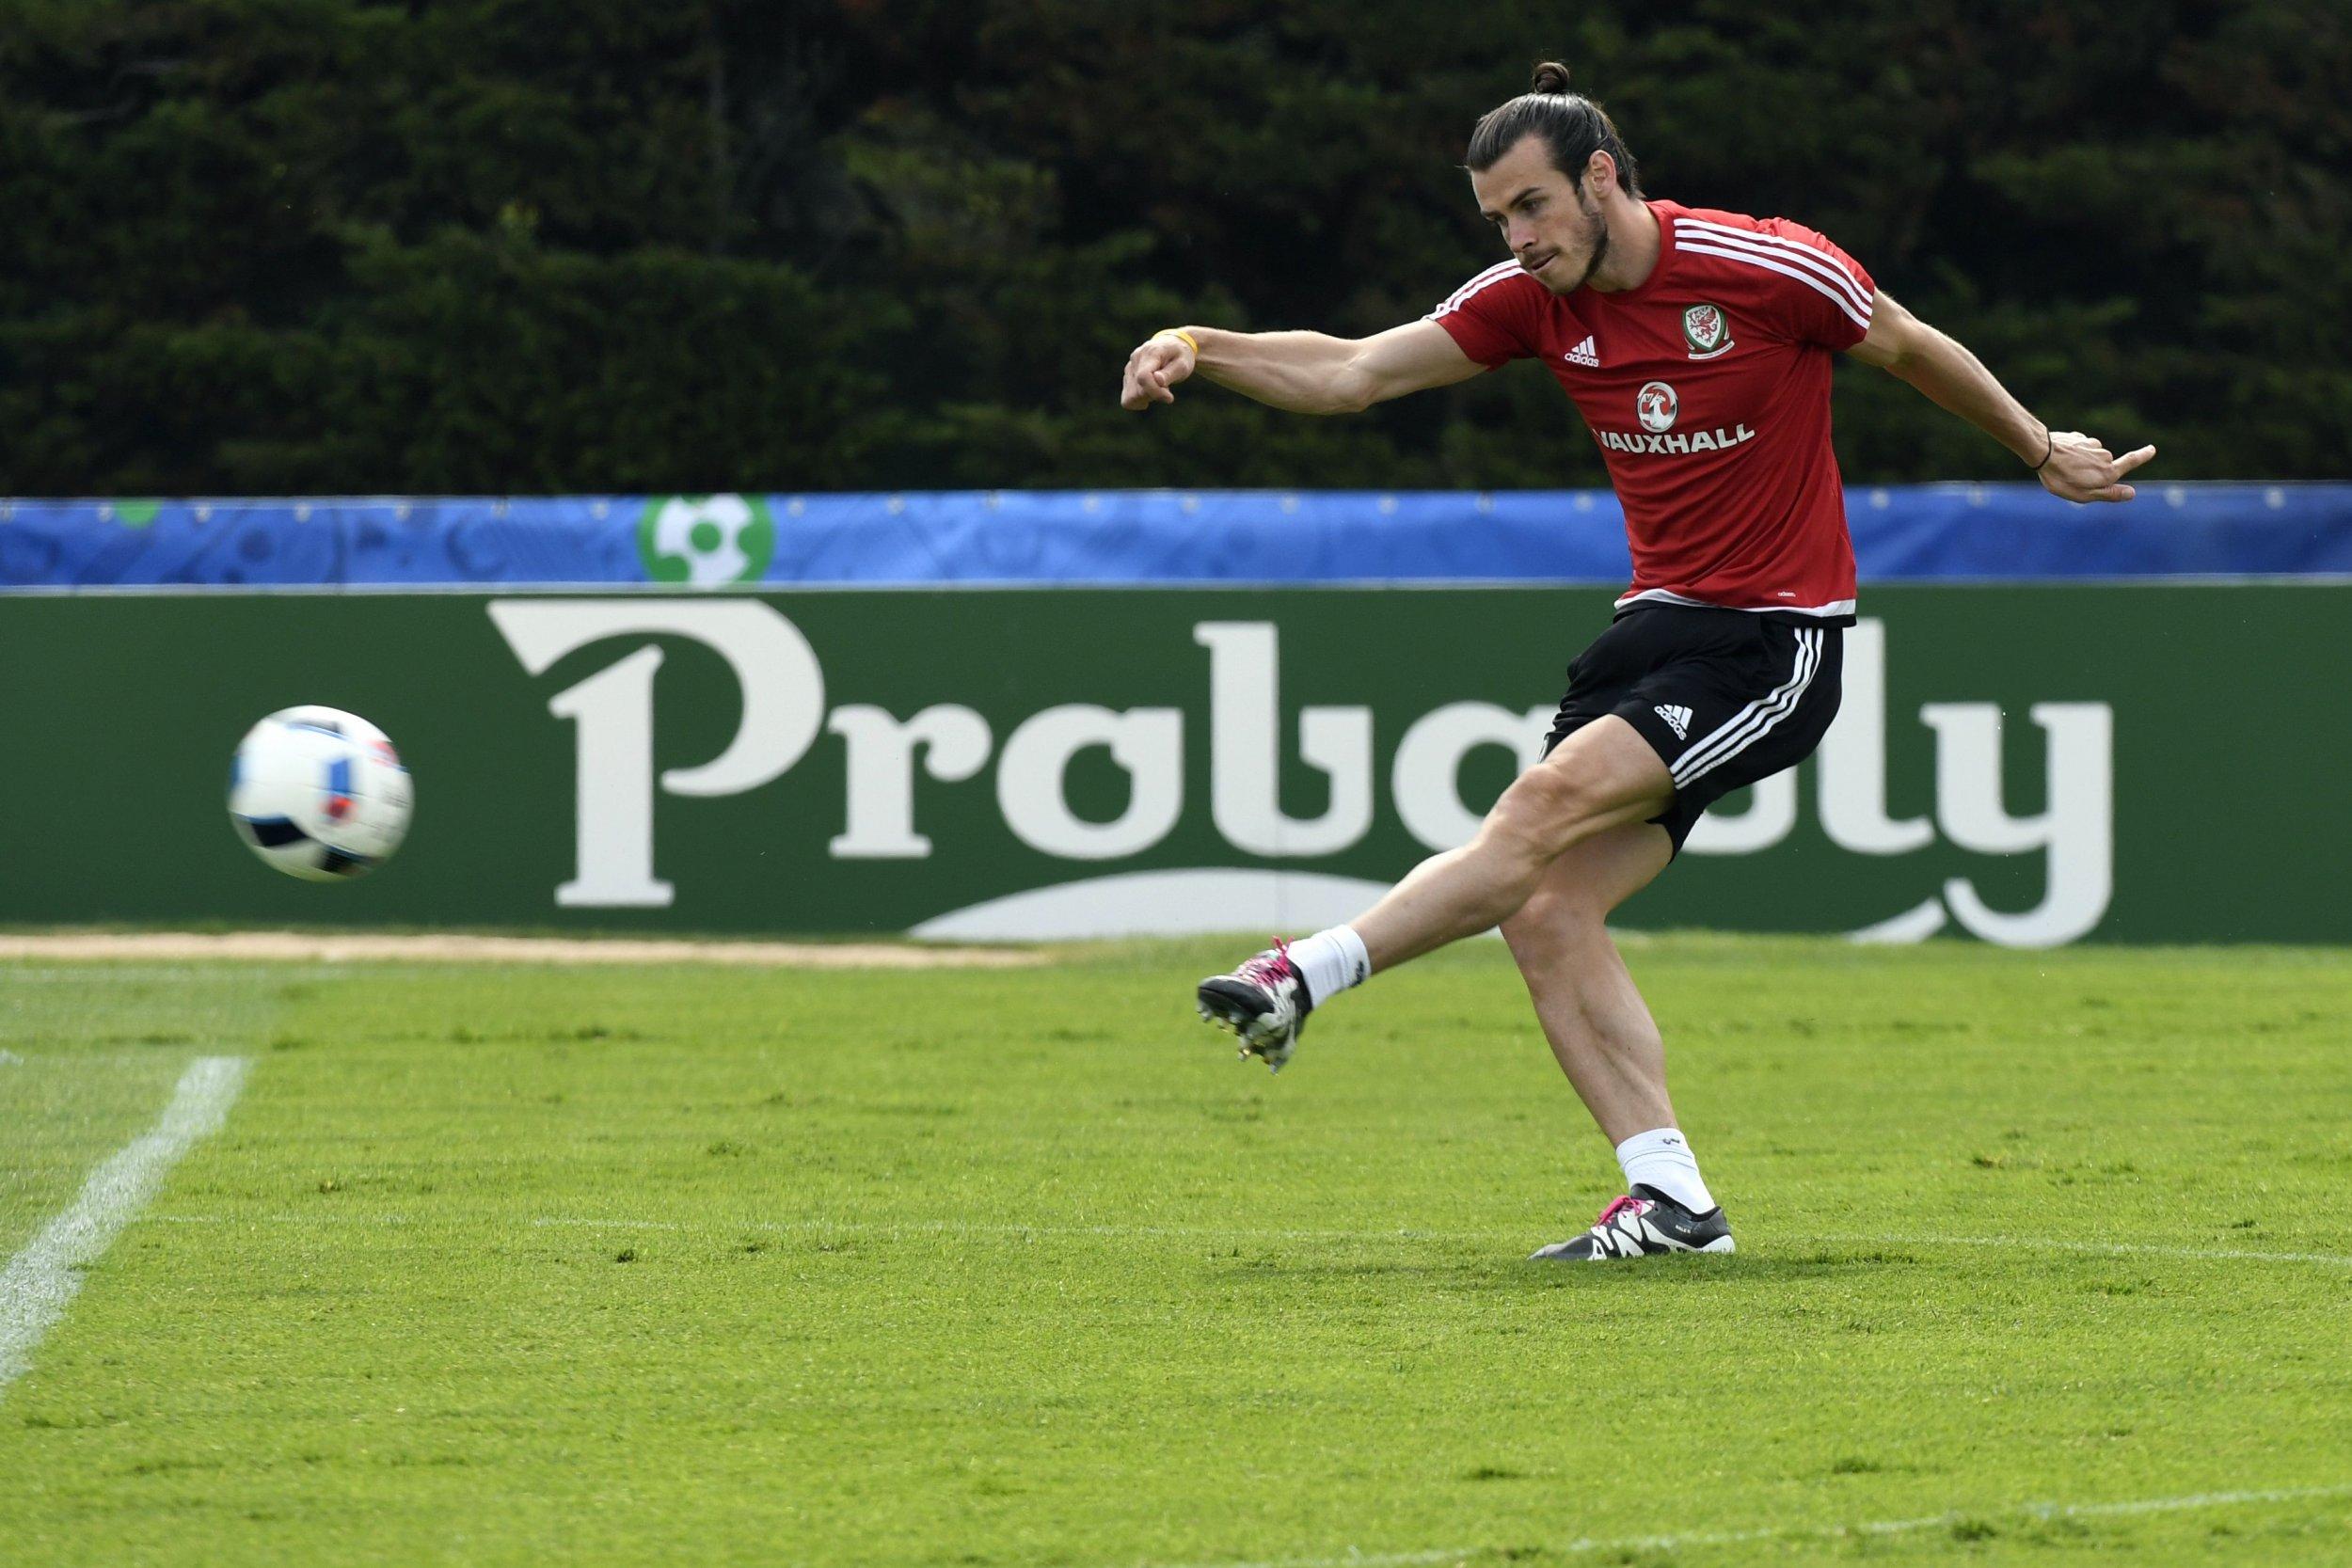 Wales star Gareth Bale